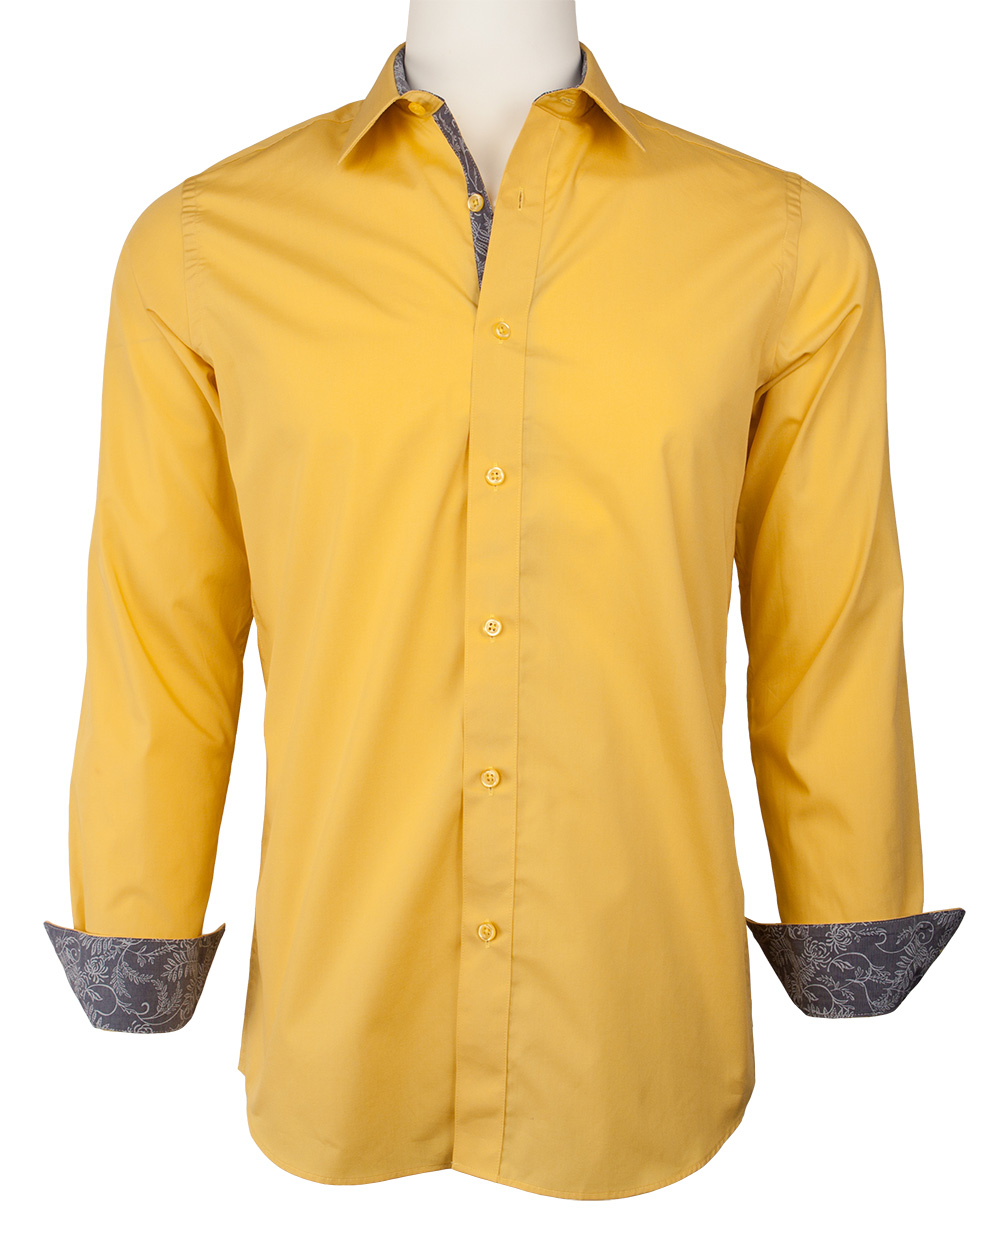 009 TR - Mustard